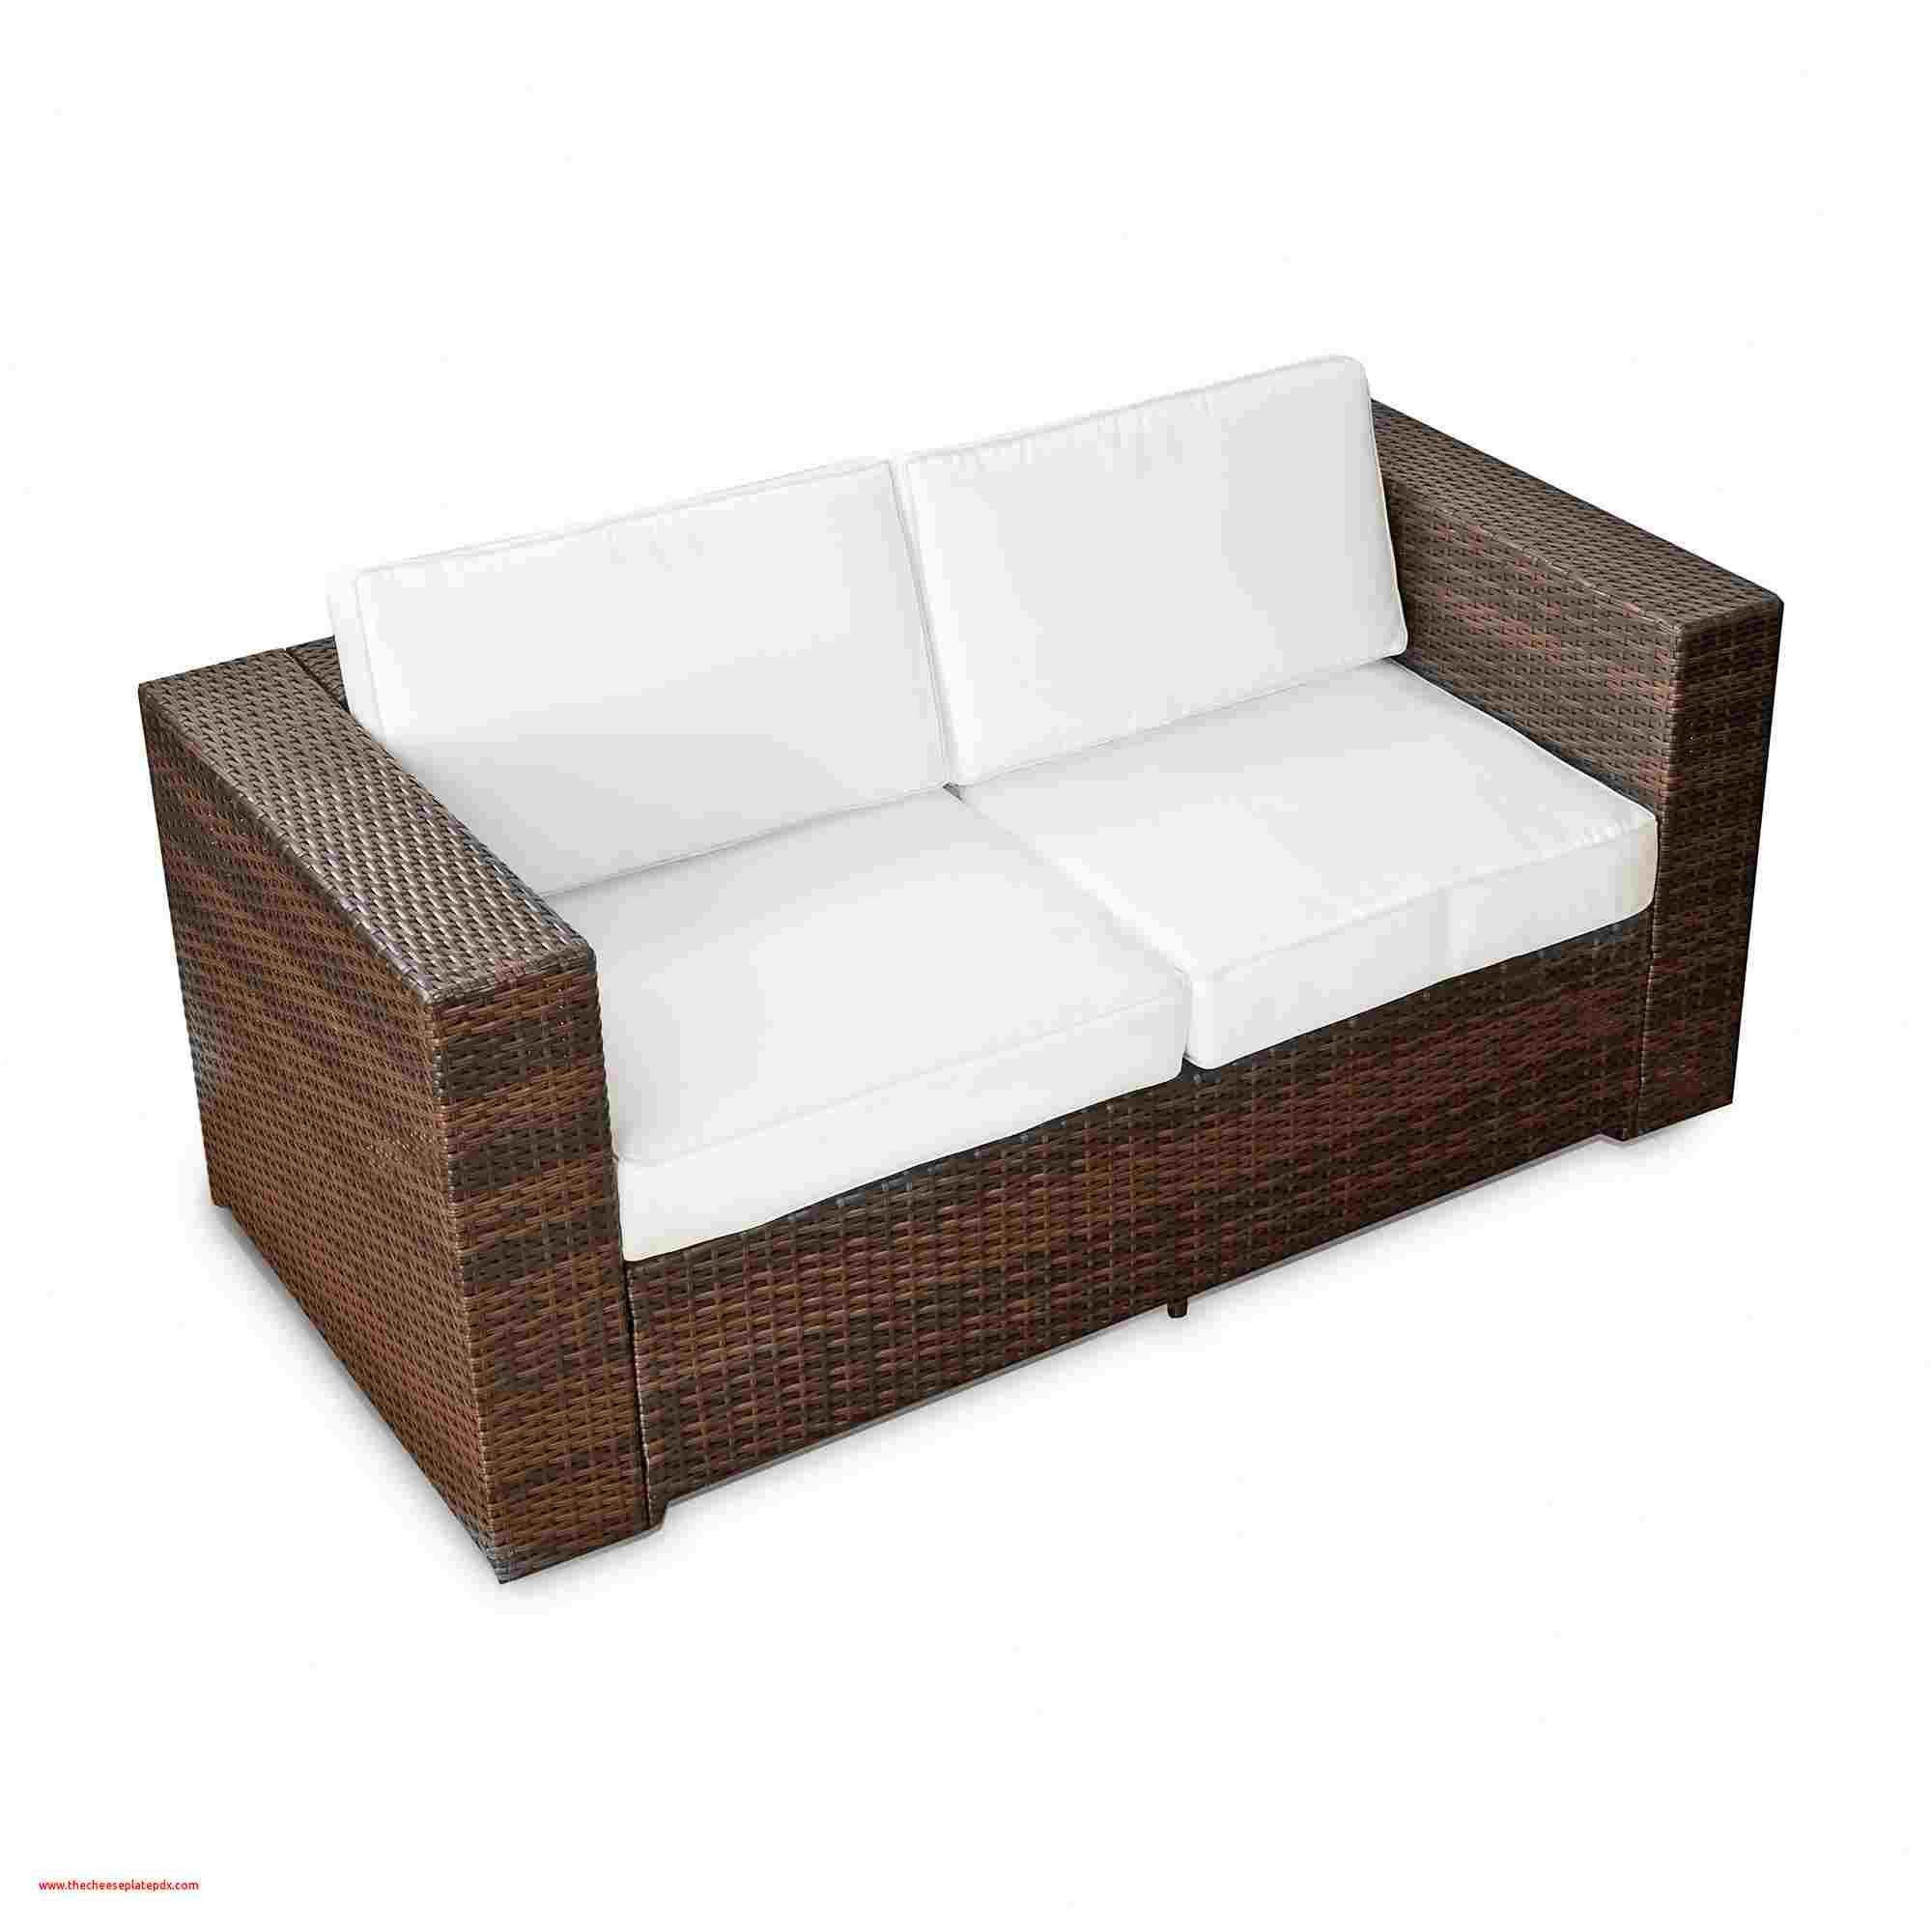 Einzigartig 2 Sitzer Sofa Poco Sleeper Sofa Ikea Sofa Solsta Sofa Bed